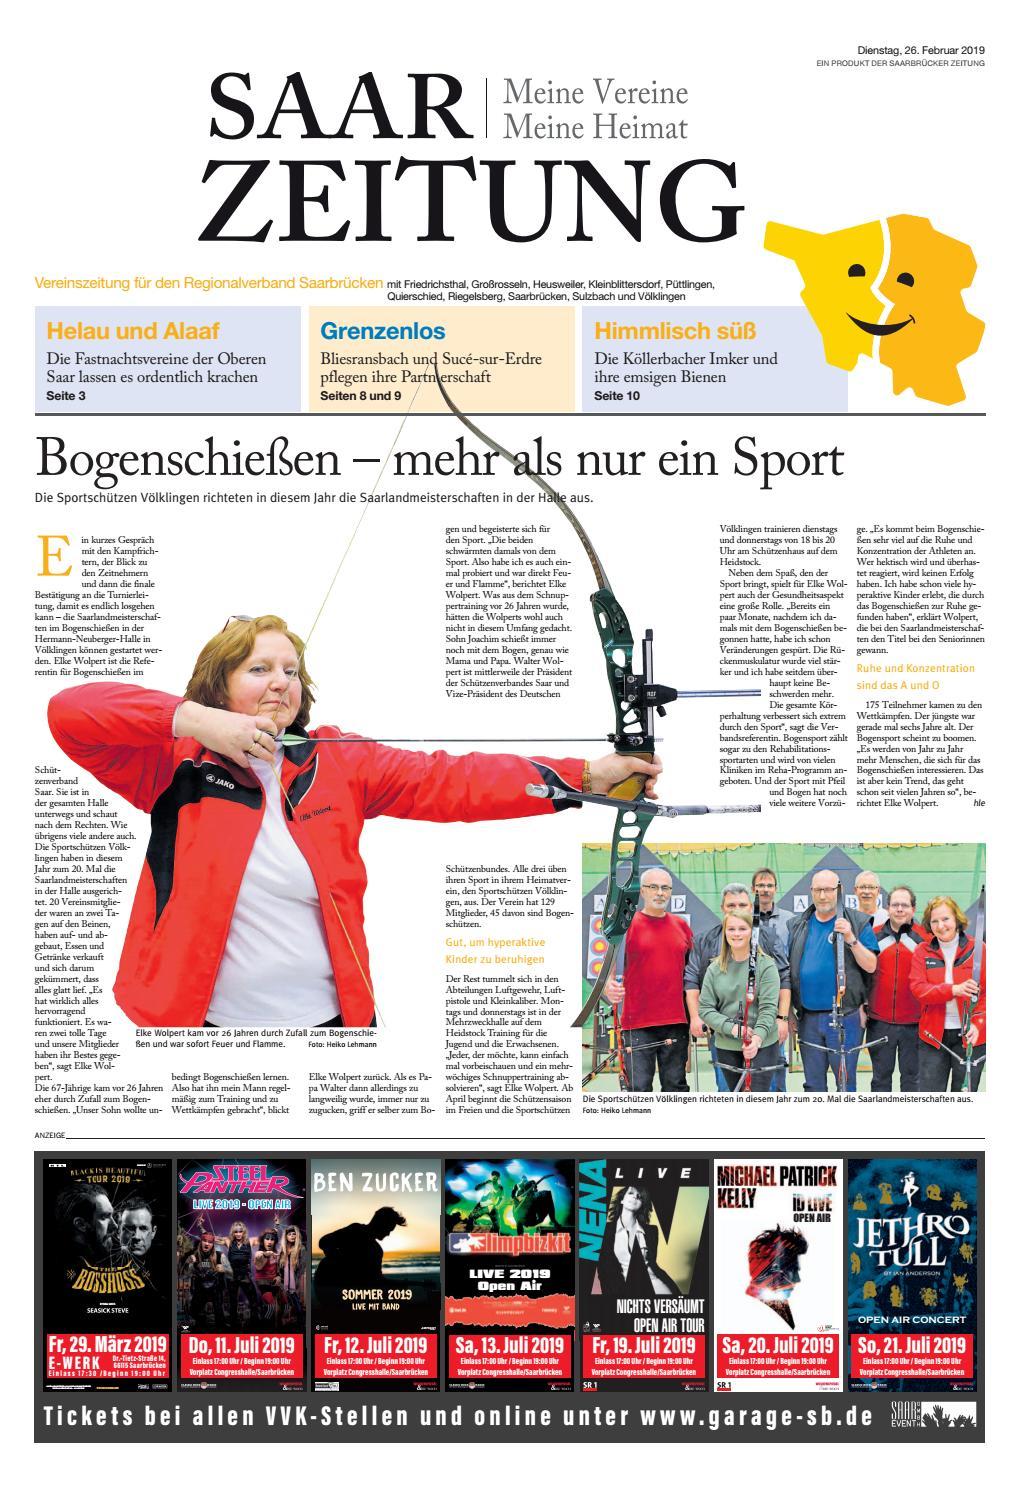 SaarZeitung 26.02.2019 Ausgabe Regionalverband Saarbrücken